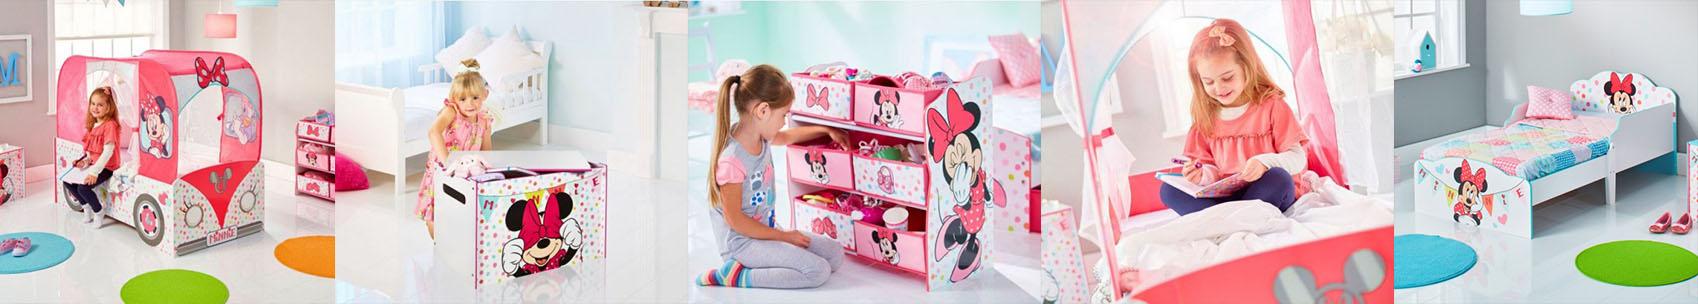 Mobiliario infantil Minnie Mouse Bainba